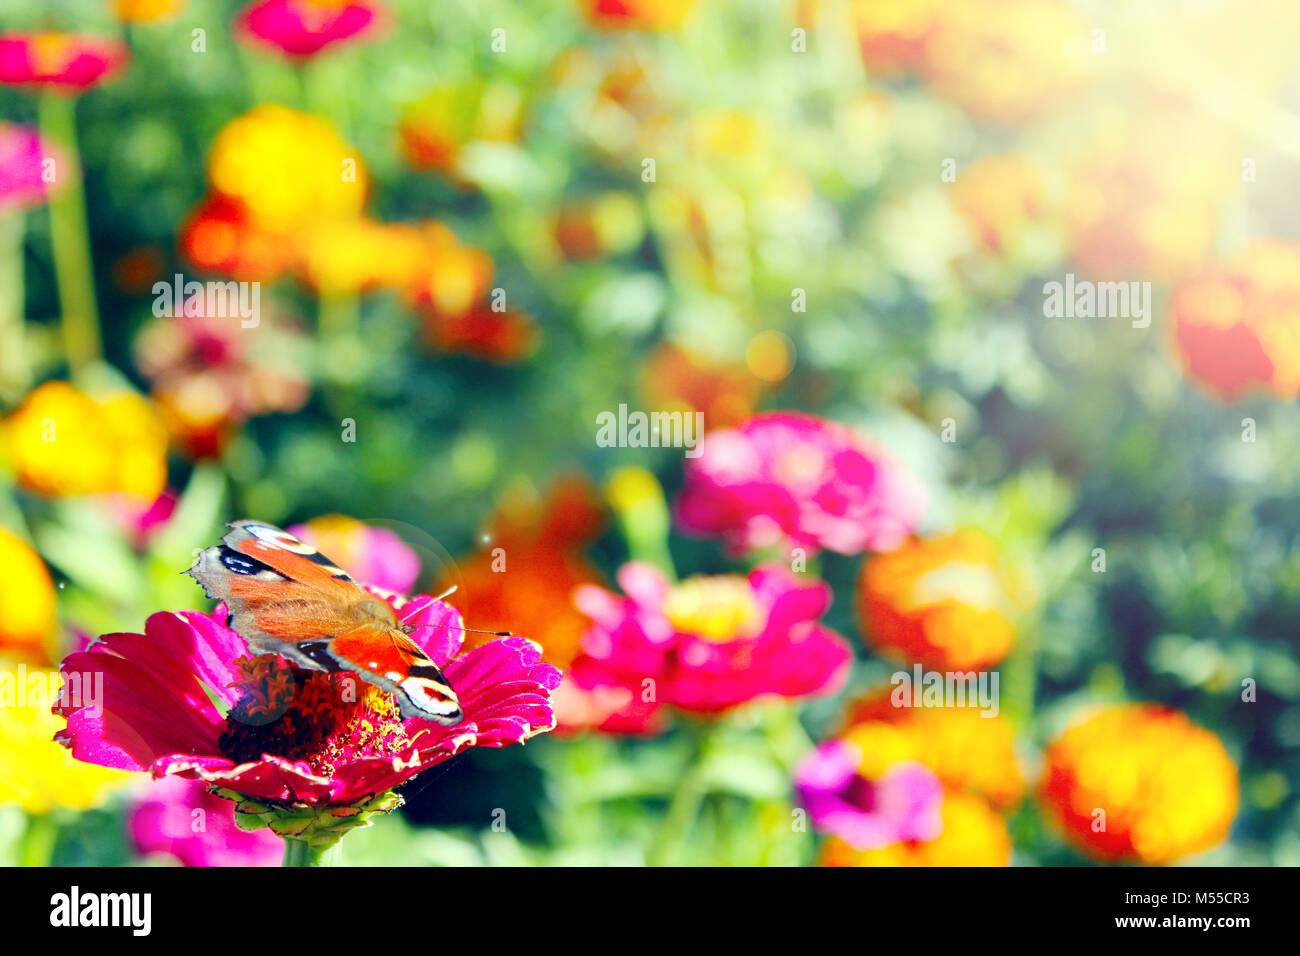 Atemberaubend Färbendes Bild Einer Blume Fotos - Druckbare ...